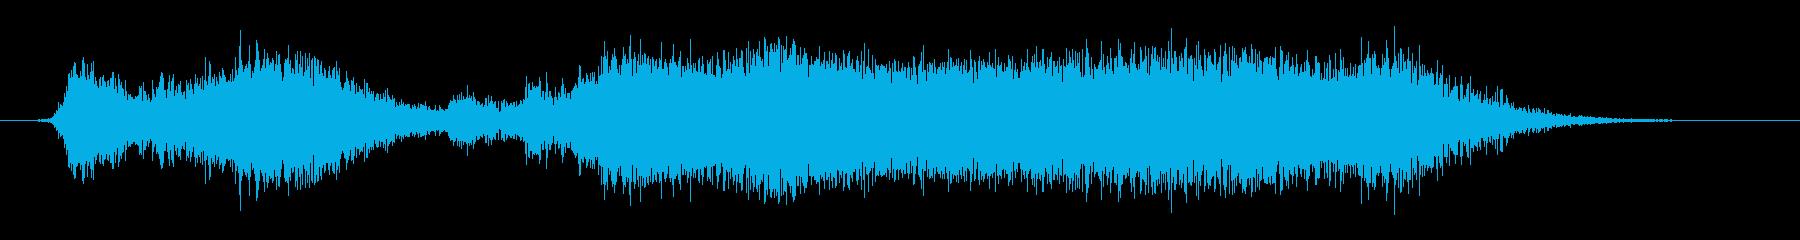 ジャイアントキャッスルドア:重残響きしみの再生済みの波形